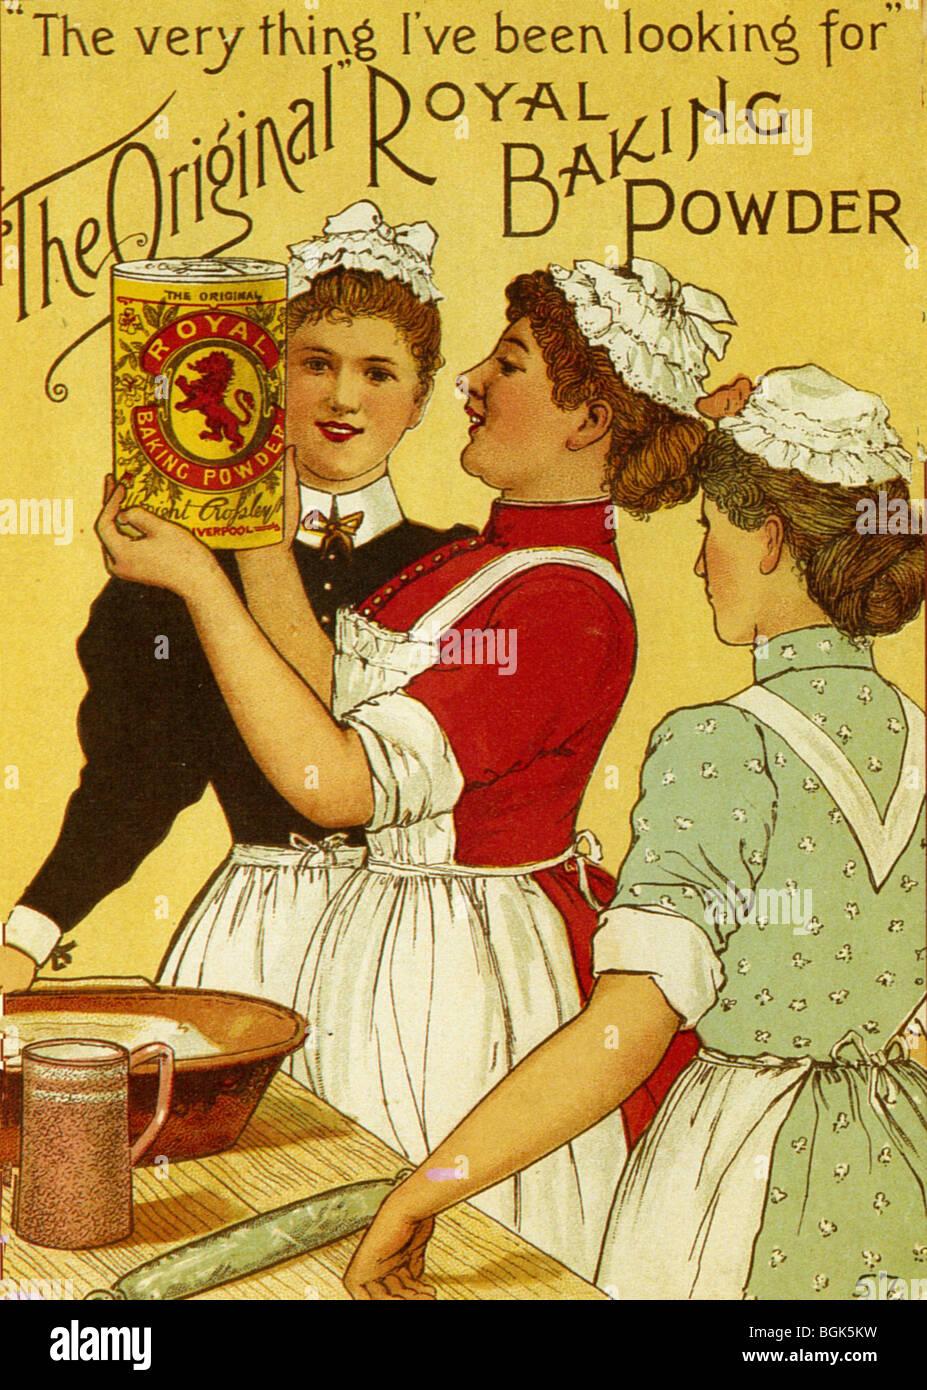 La poudre Royale annonce vers 1895 Photo Stock